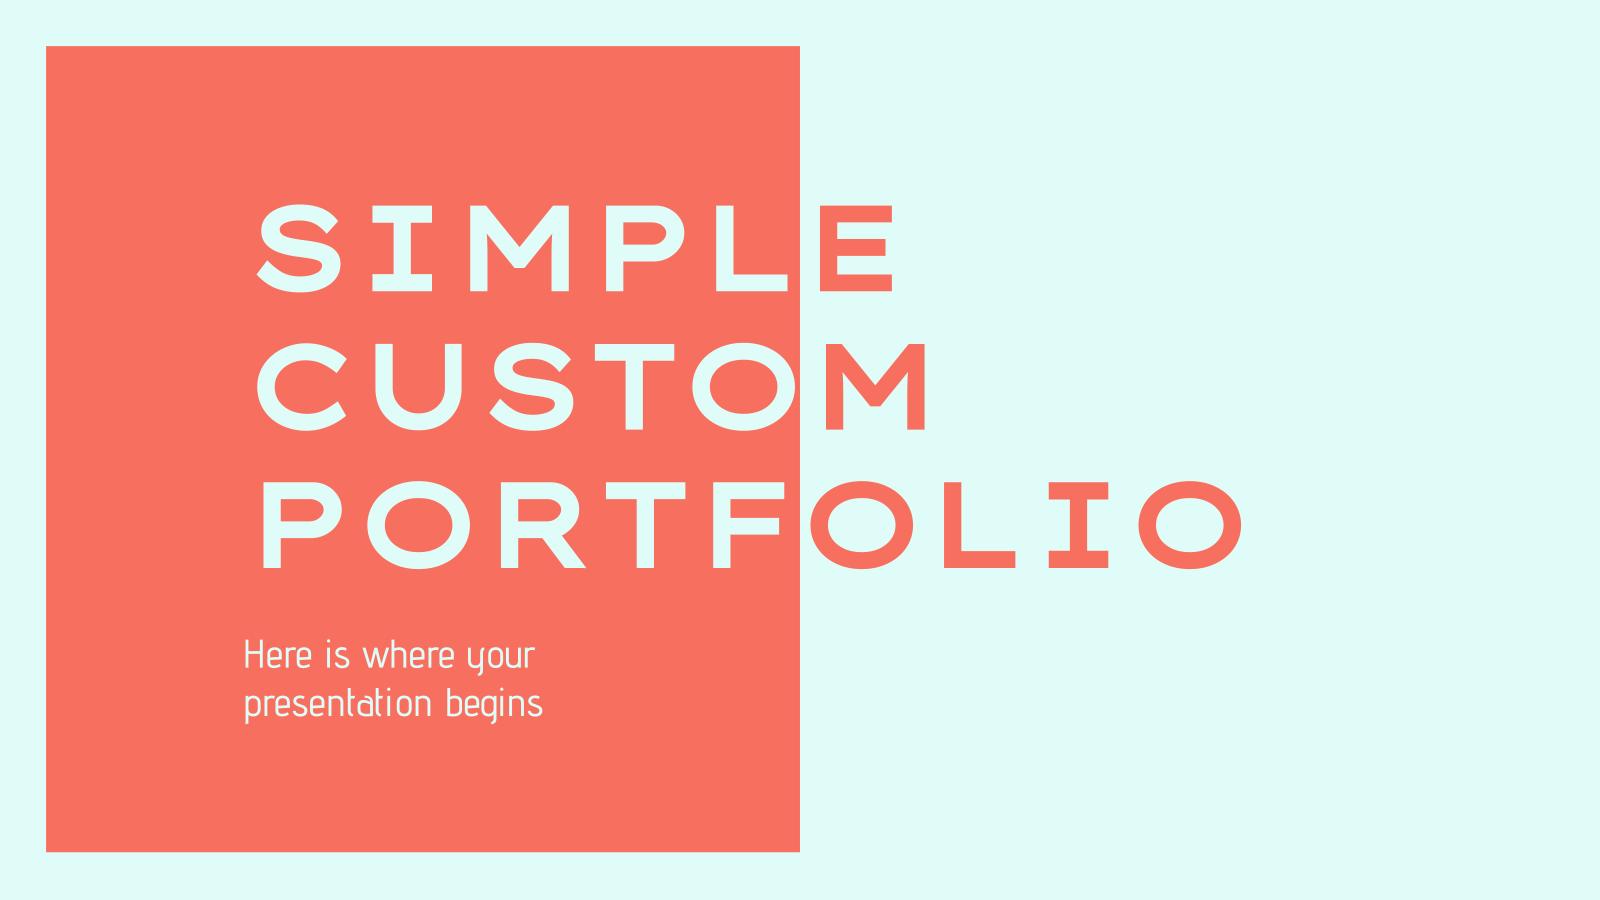 Modelo de apresentação Portfólio simples e personalizável